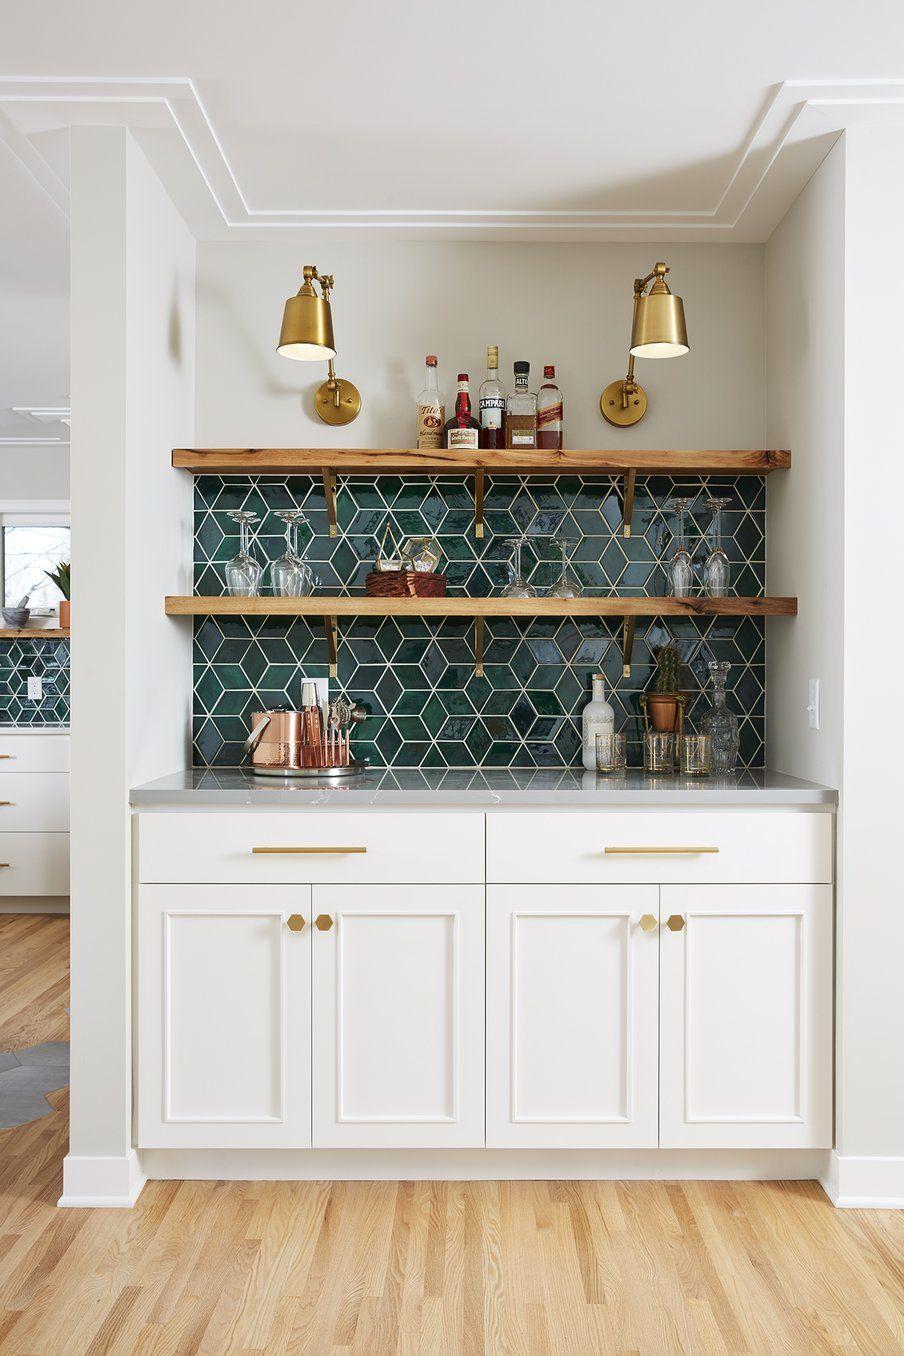 Dazzling Diamond Kitchen Backsplash #kitchenbacksplash